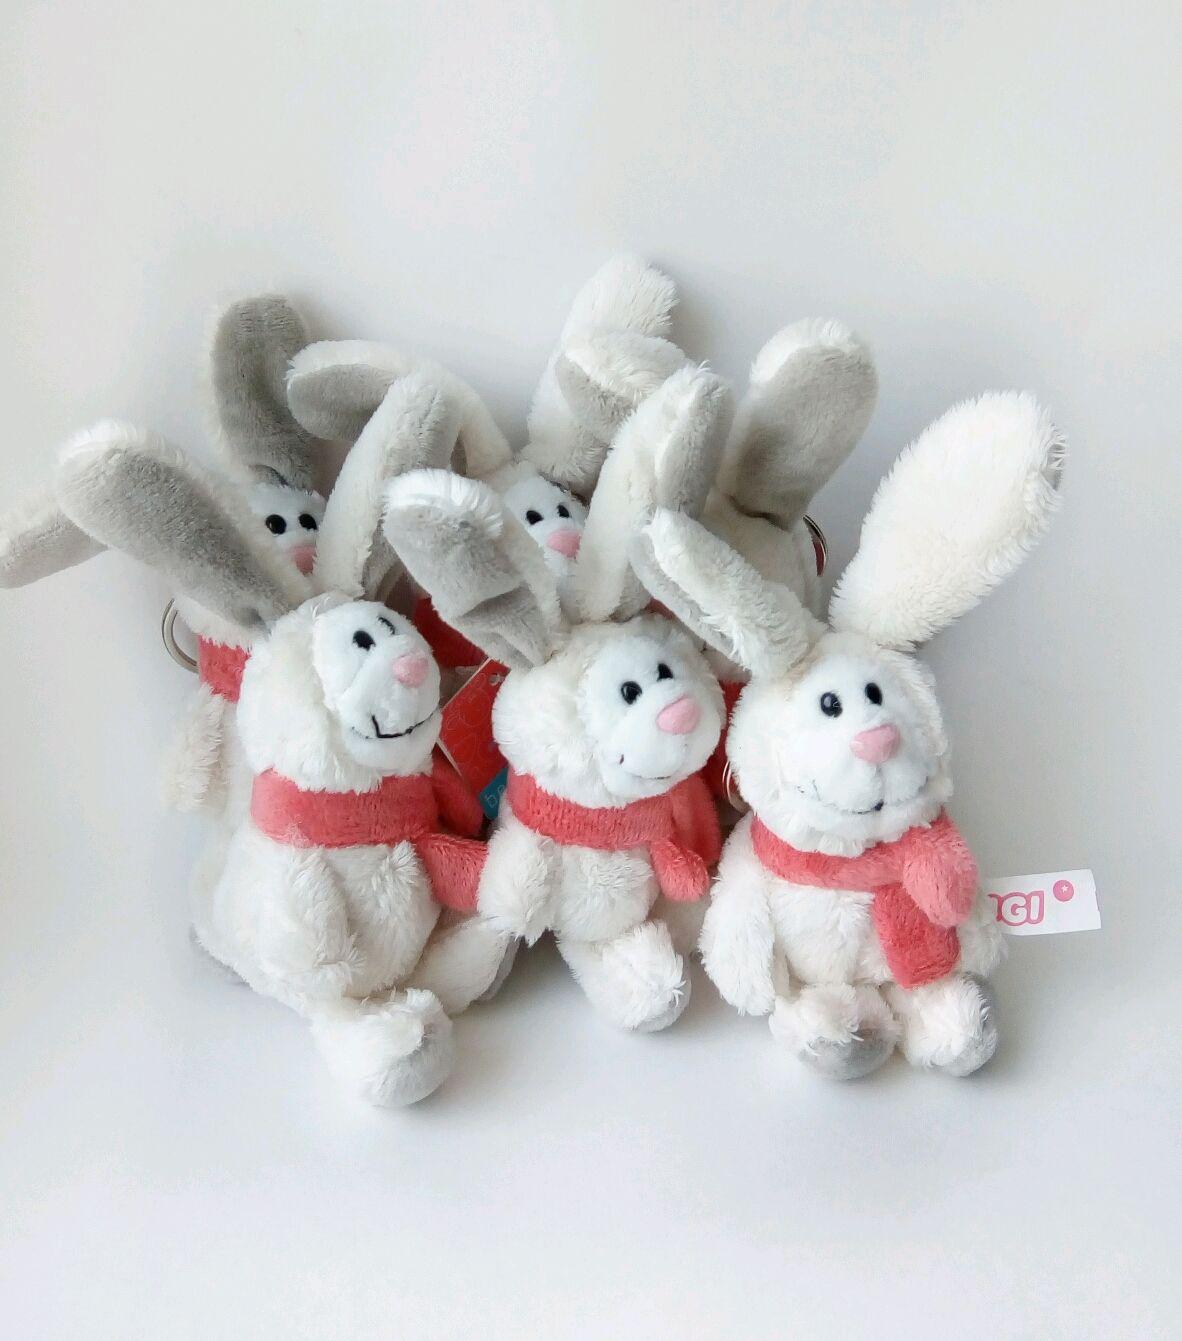 Игрушки для кукол Nici, Аксессуары для кукол и игрушек, Дзержинск,  Фото №1